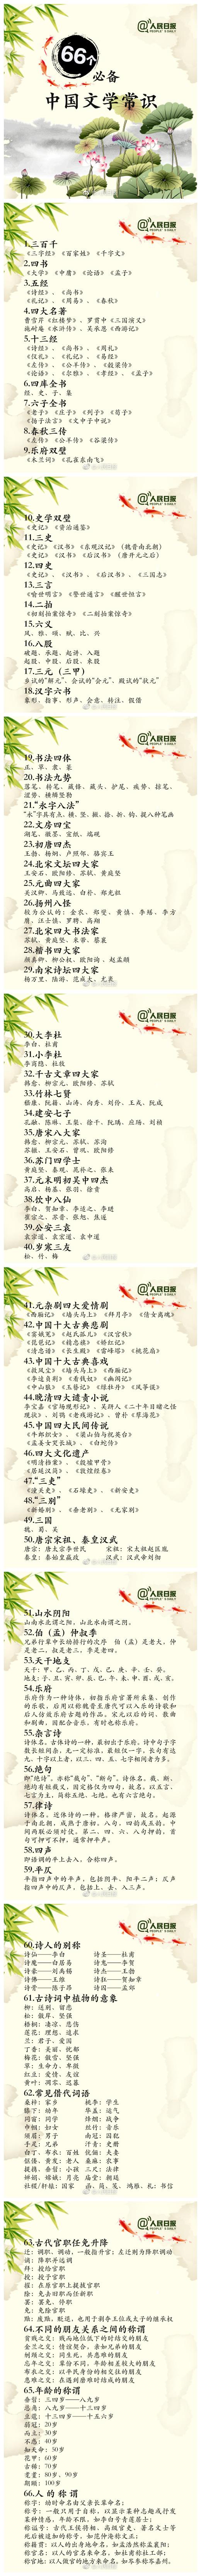 常识积累:66个必备中国文学常识